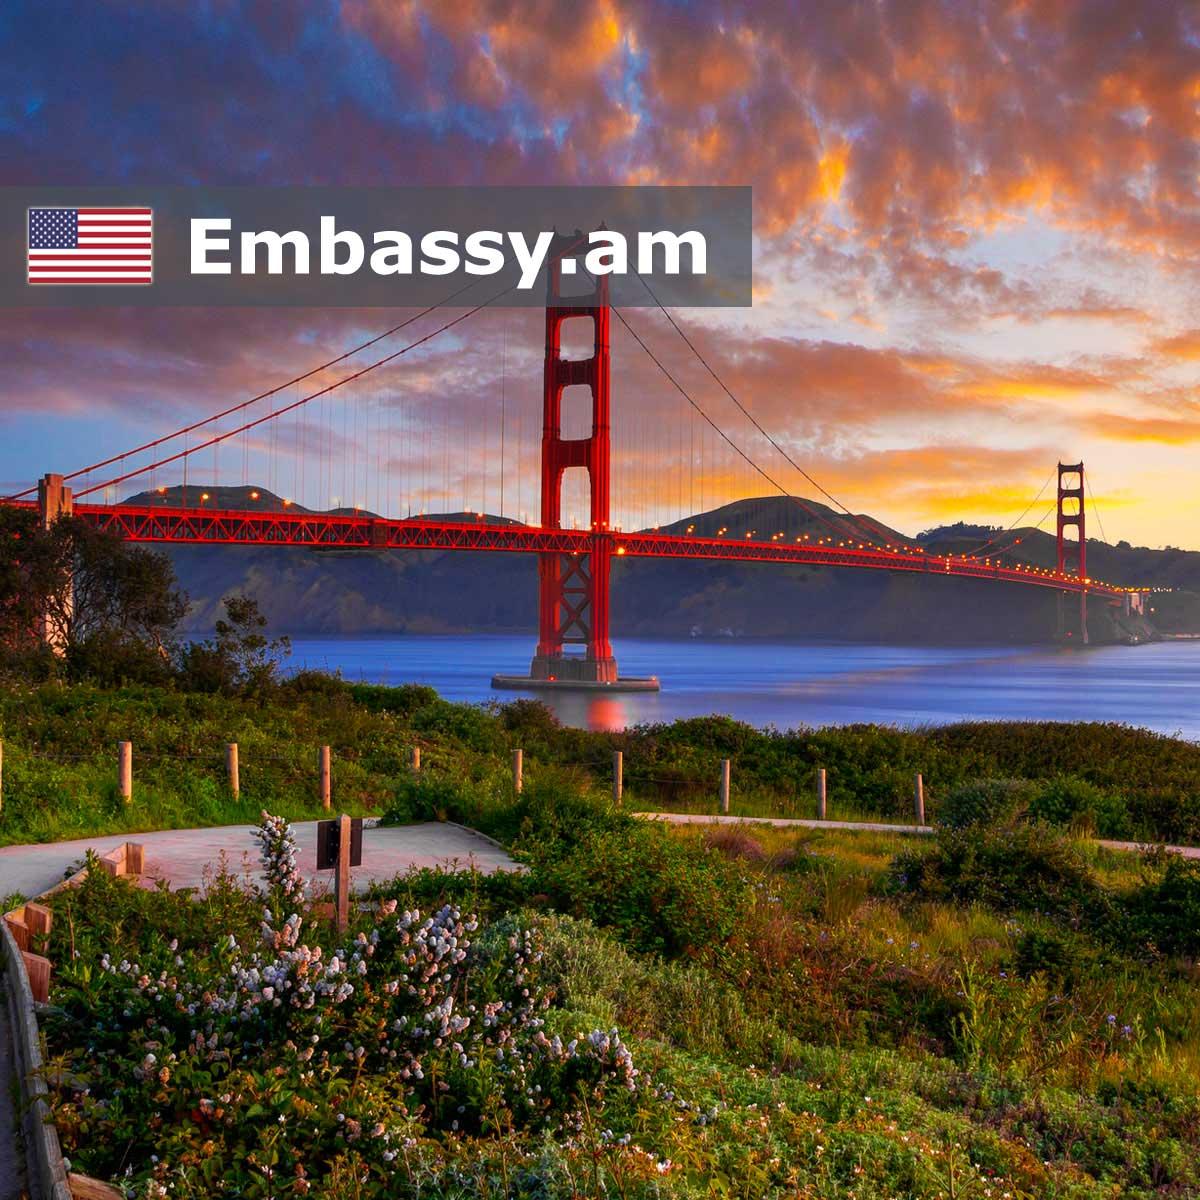 Сан-Франциско - Отели в США - Embassy.am